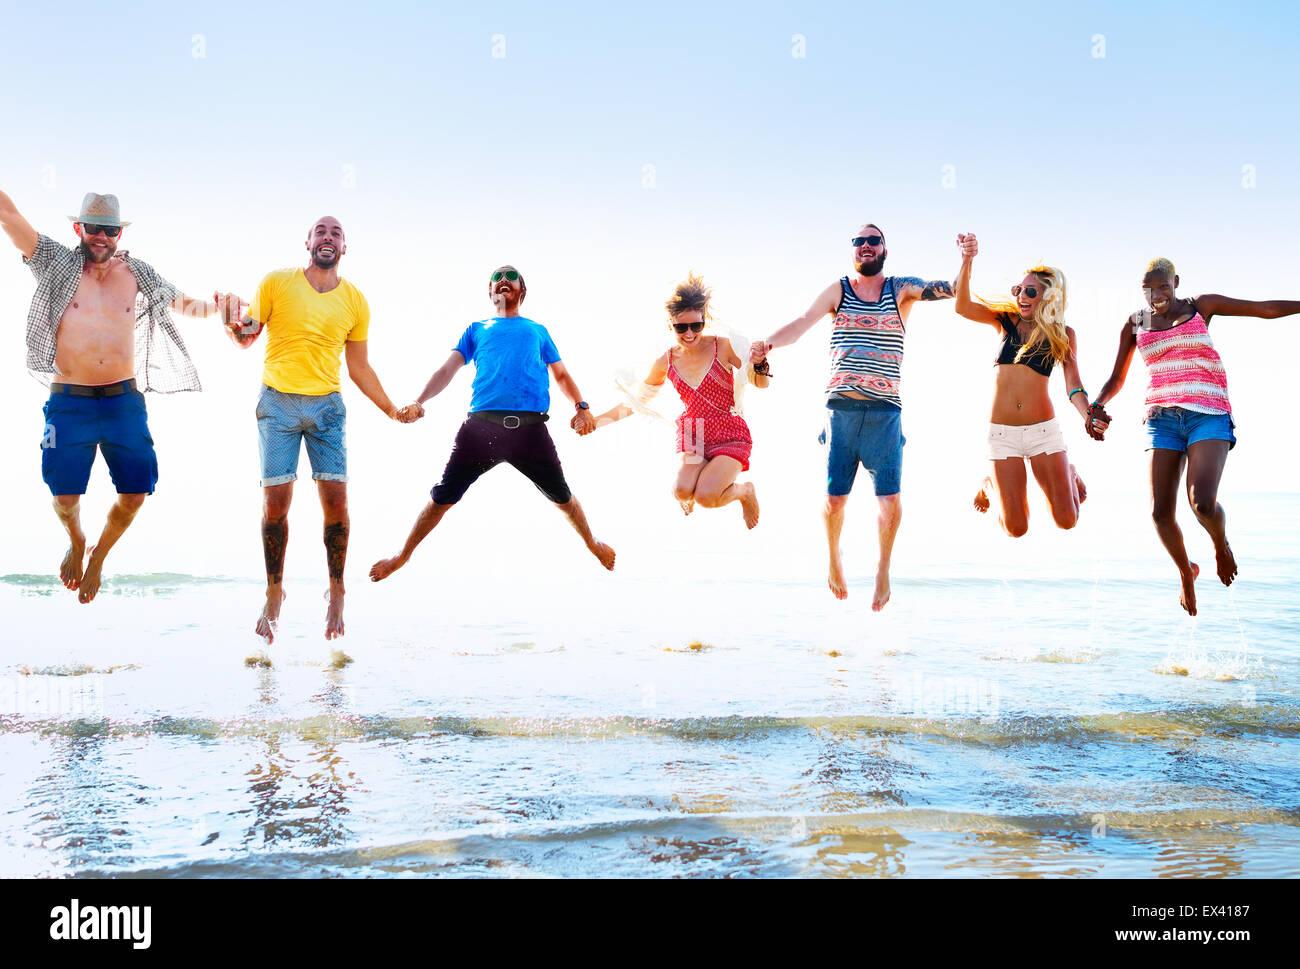 Diverse Beach Summer Friends Fun Jump Shot Concept - Stock Image